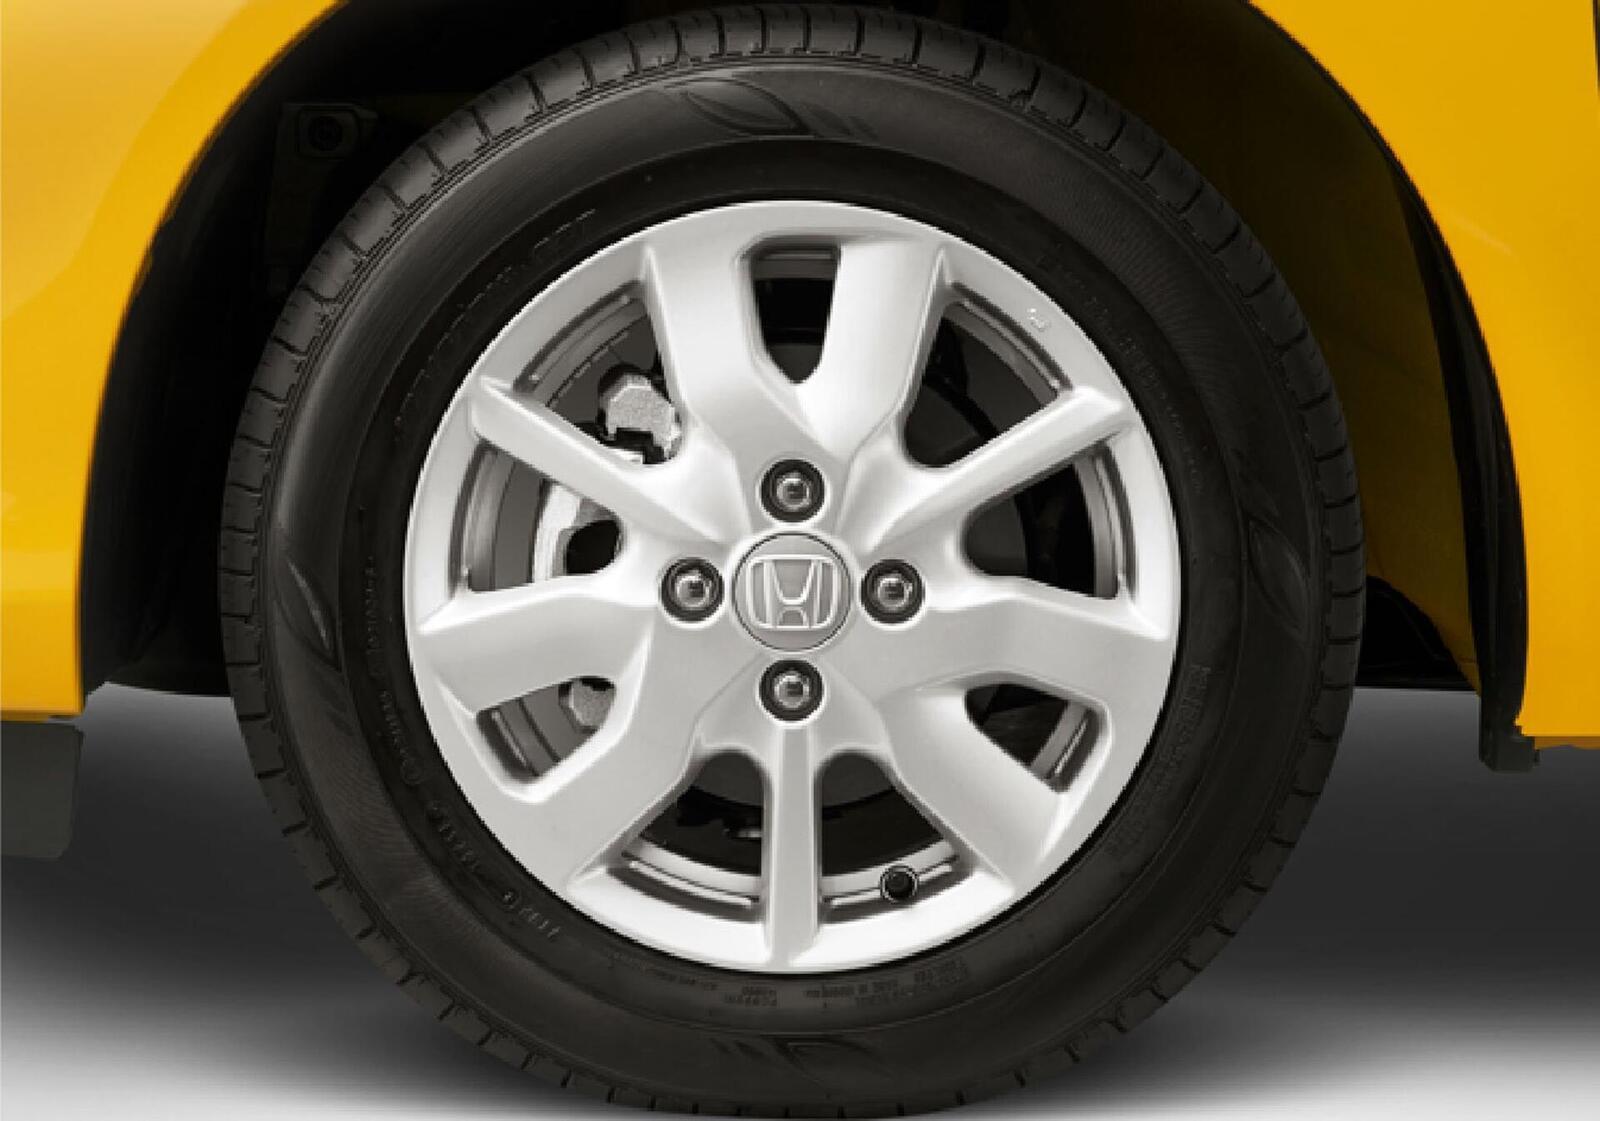 Dự đoán 3 phiên bản Honda Brio sắp ra mắt vào ngày 18.06 sắp tới - Hình 6